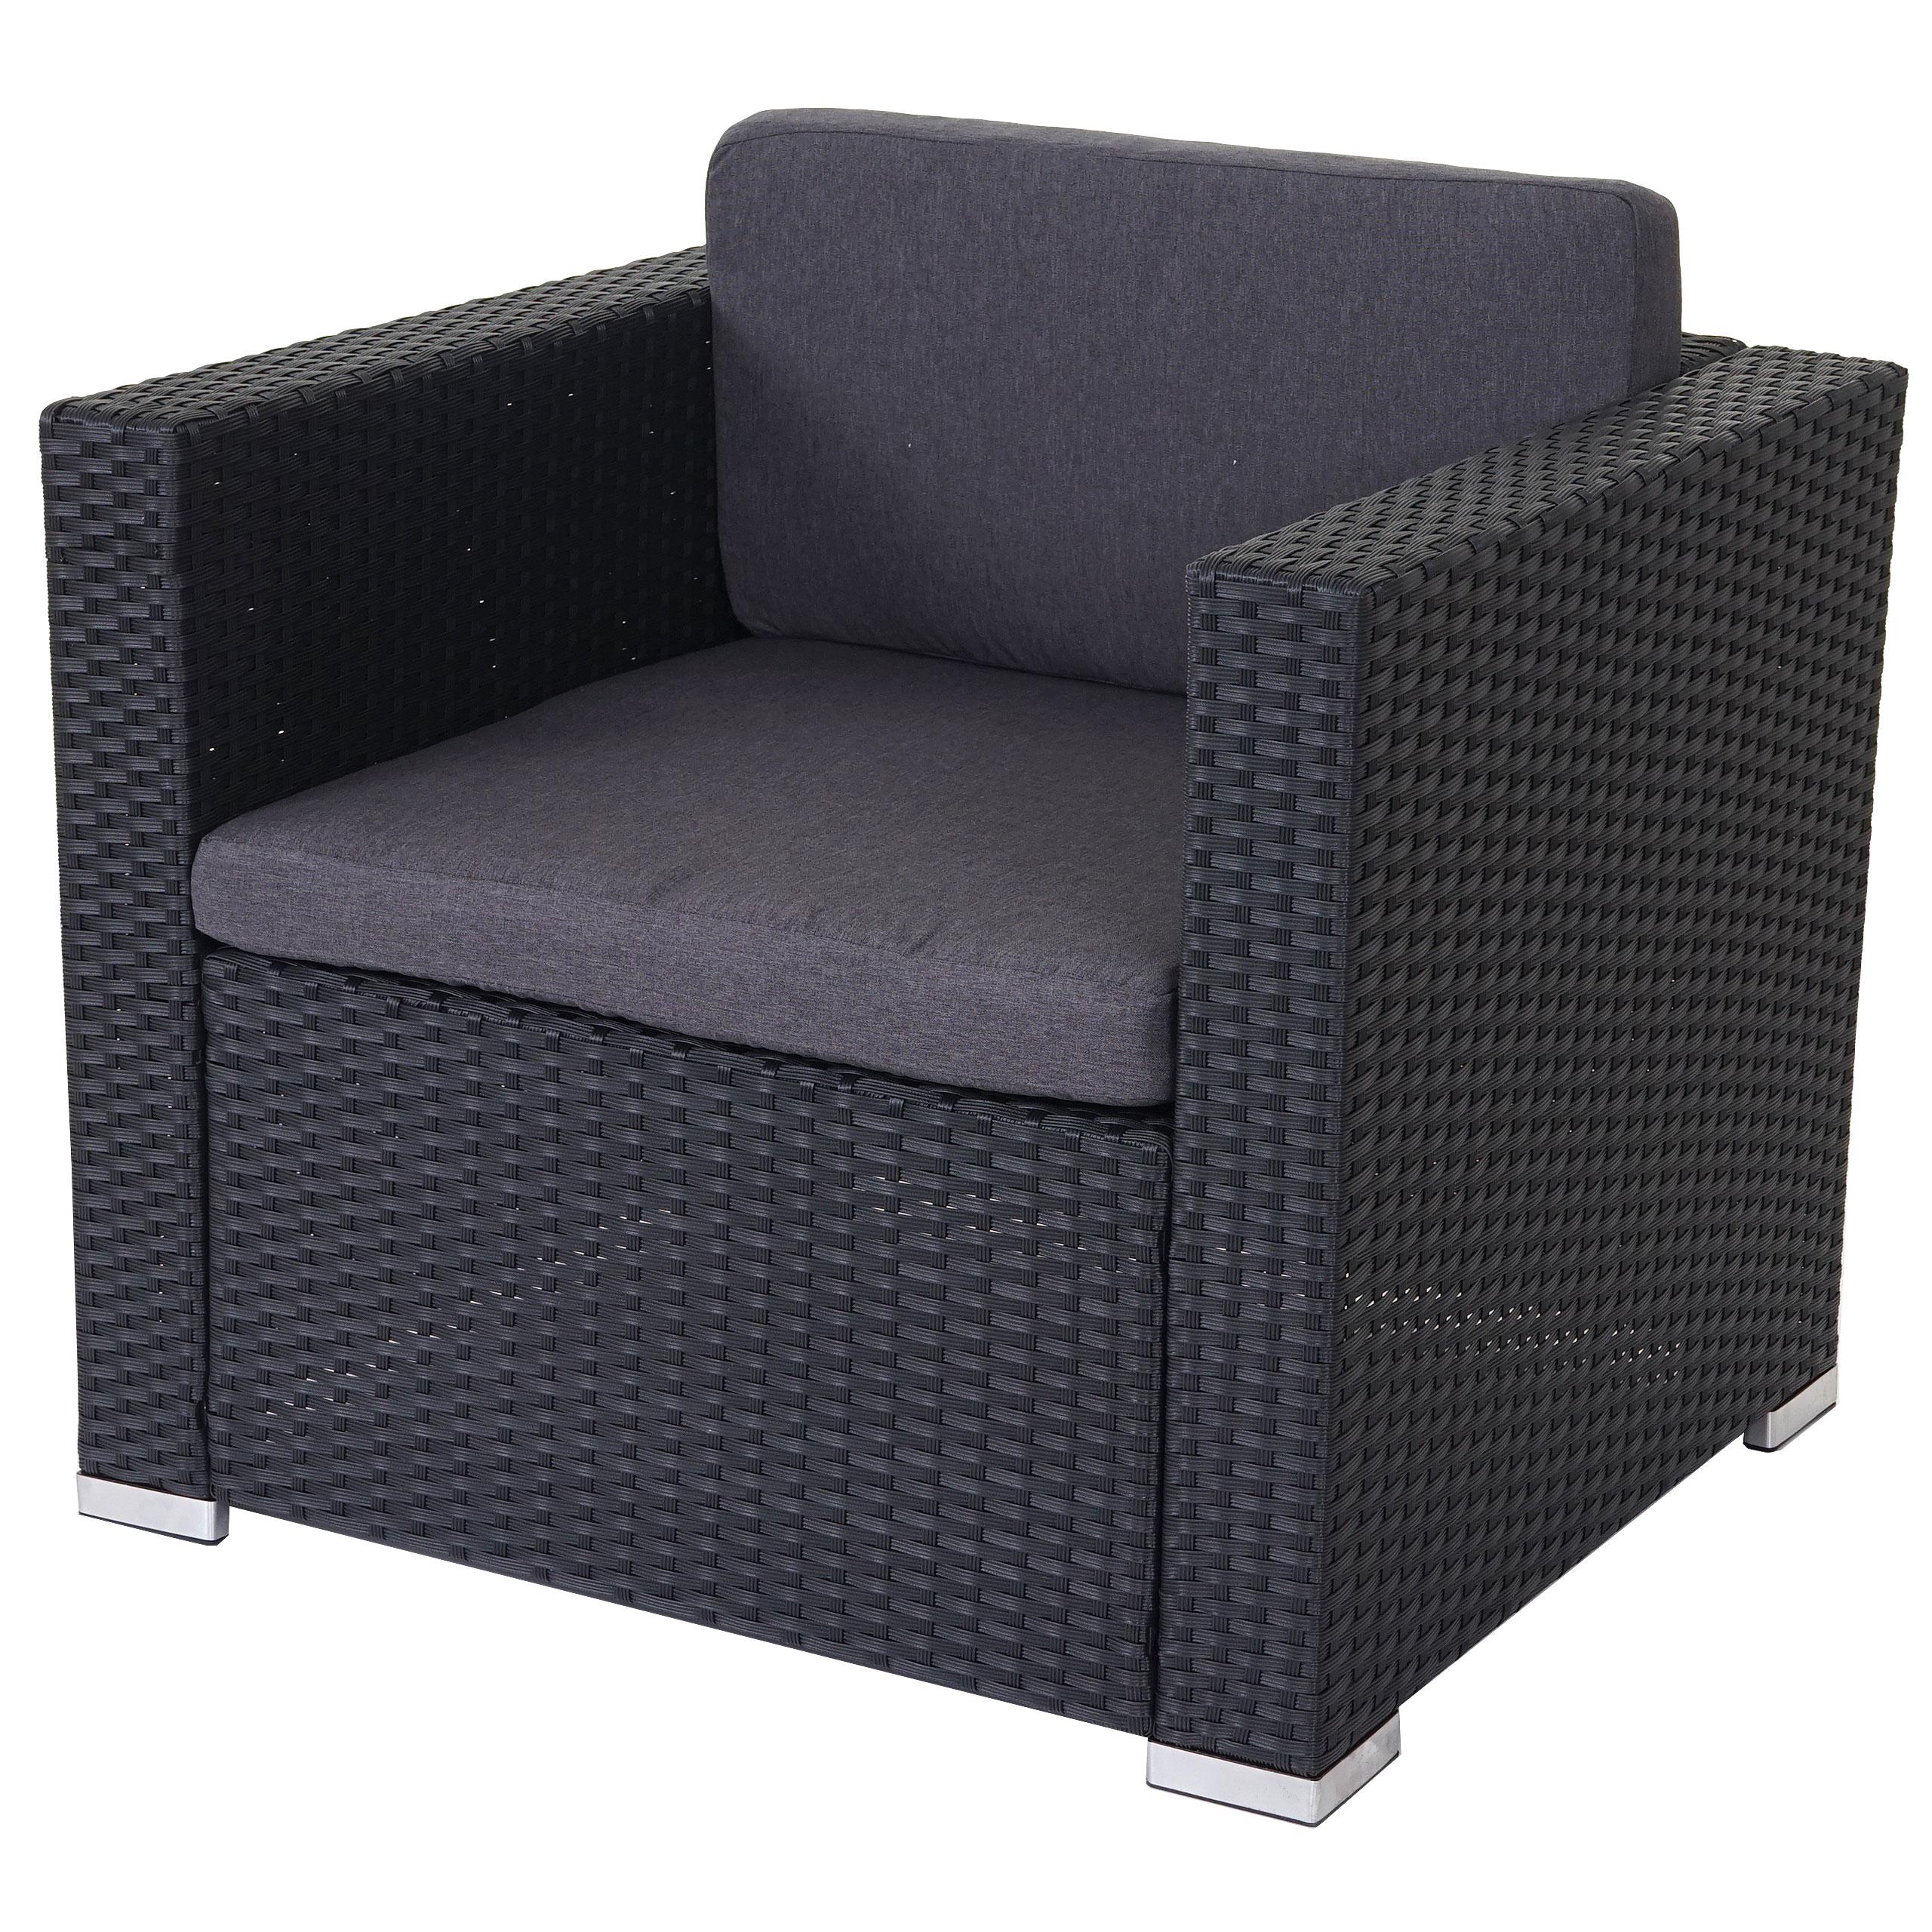 2017 Garten Lounge Sessel